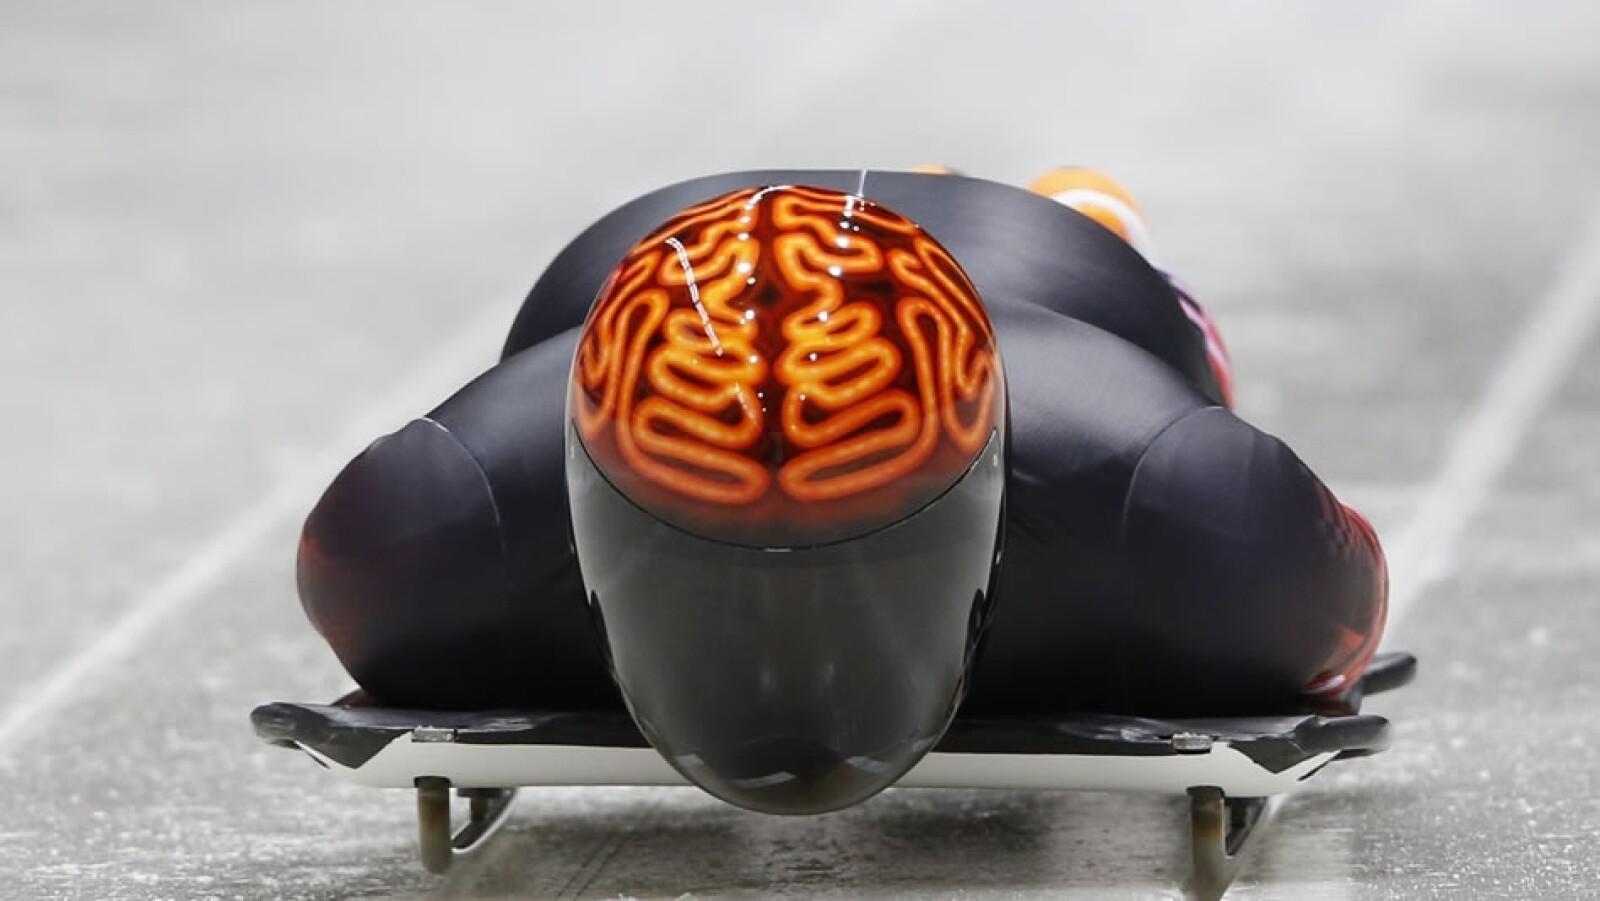 Un cerebro de color naranja es el que luce el canadiense John Fairbairn